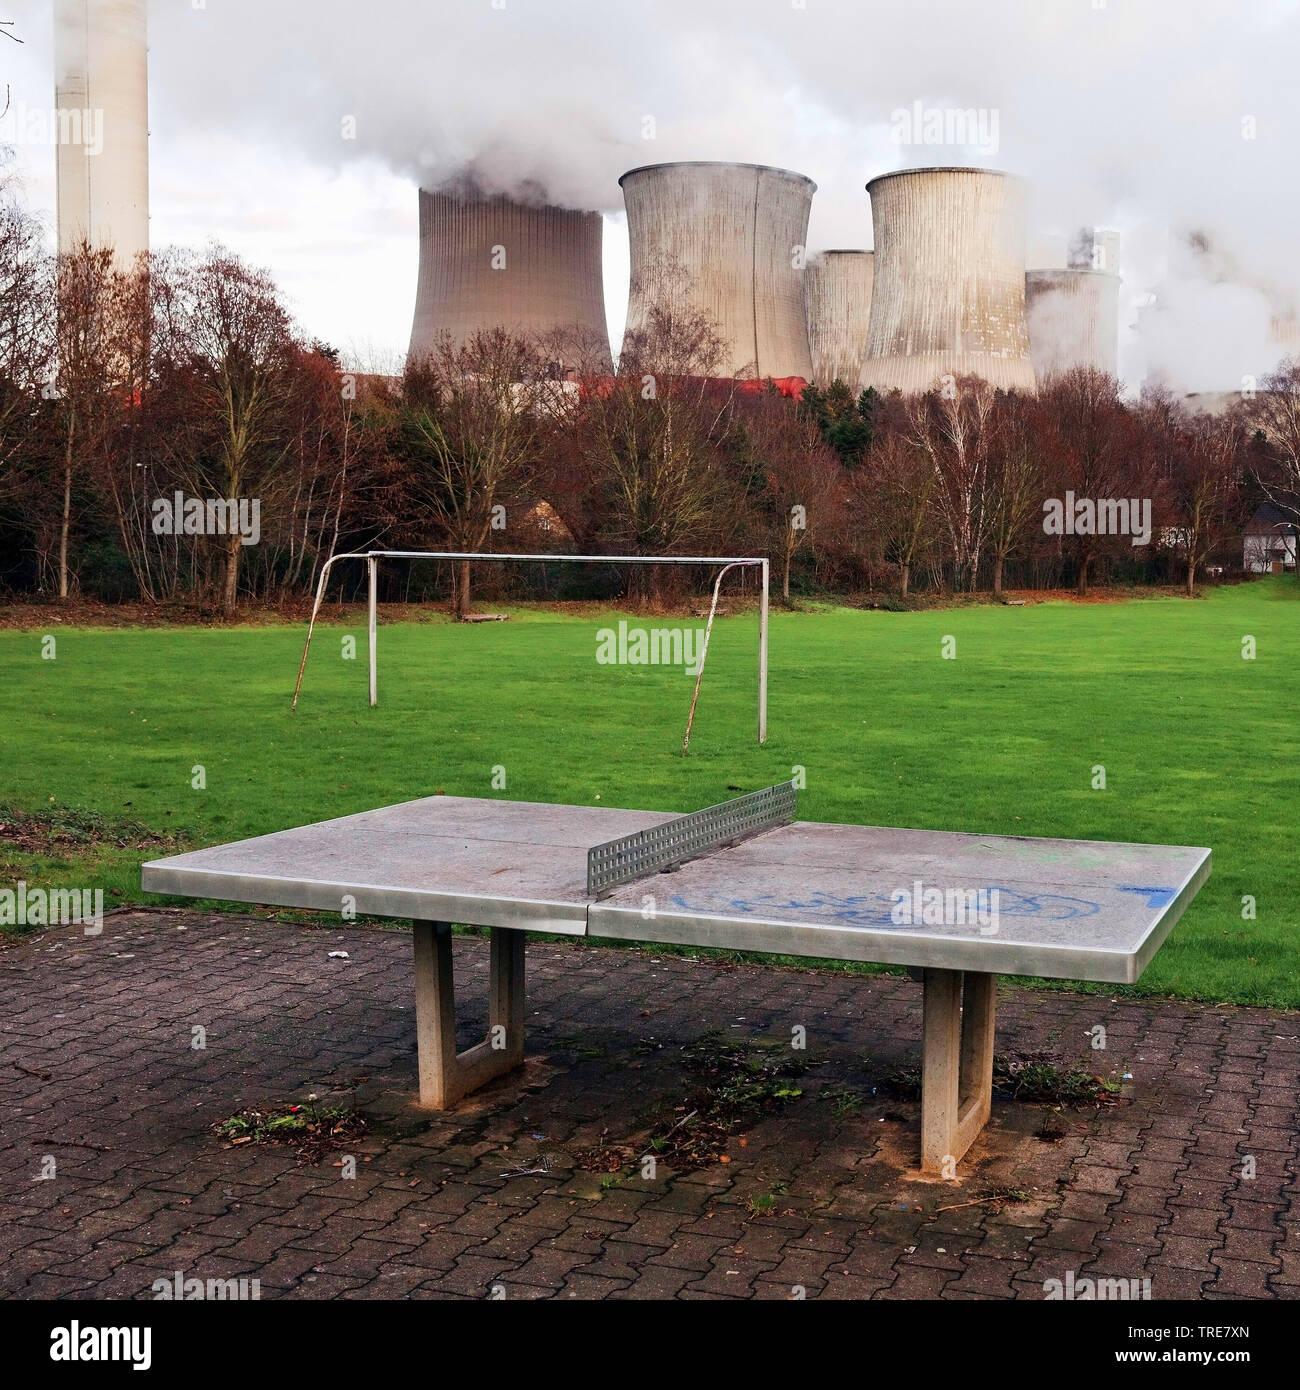 trister Spielplatz im Stadtteil Auenheim vor dem mit Braunkohle betriebenem Kraftwerk Niederaussem, Deutschland, Nordrhein-Westfalen, Bergheim | desol - Stock Image